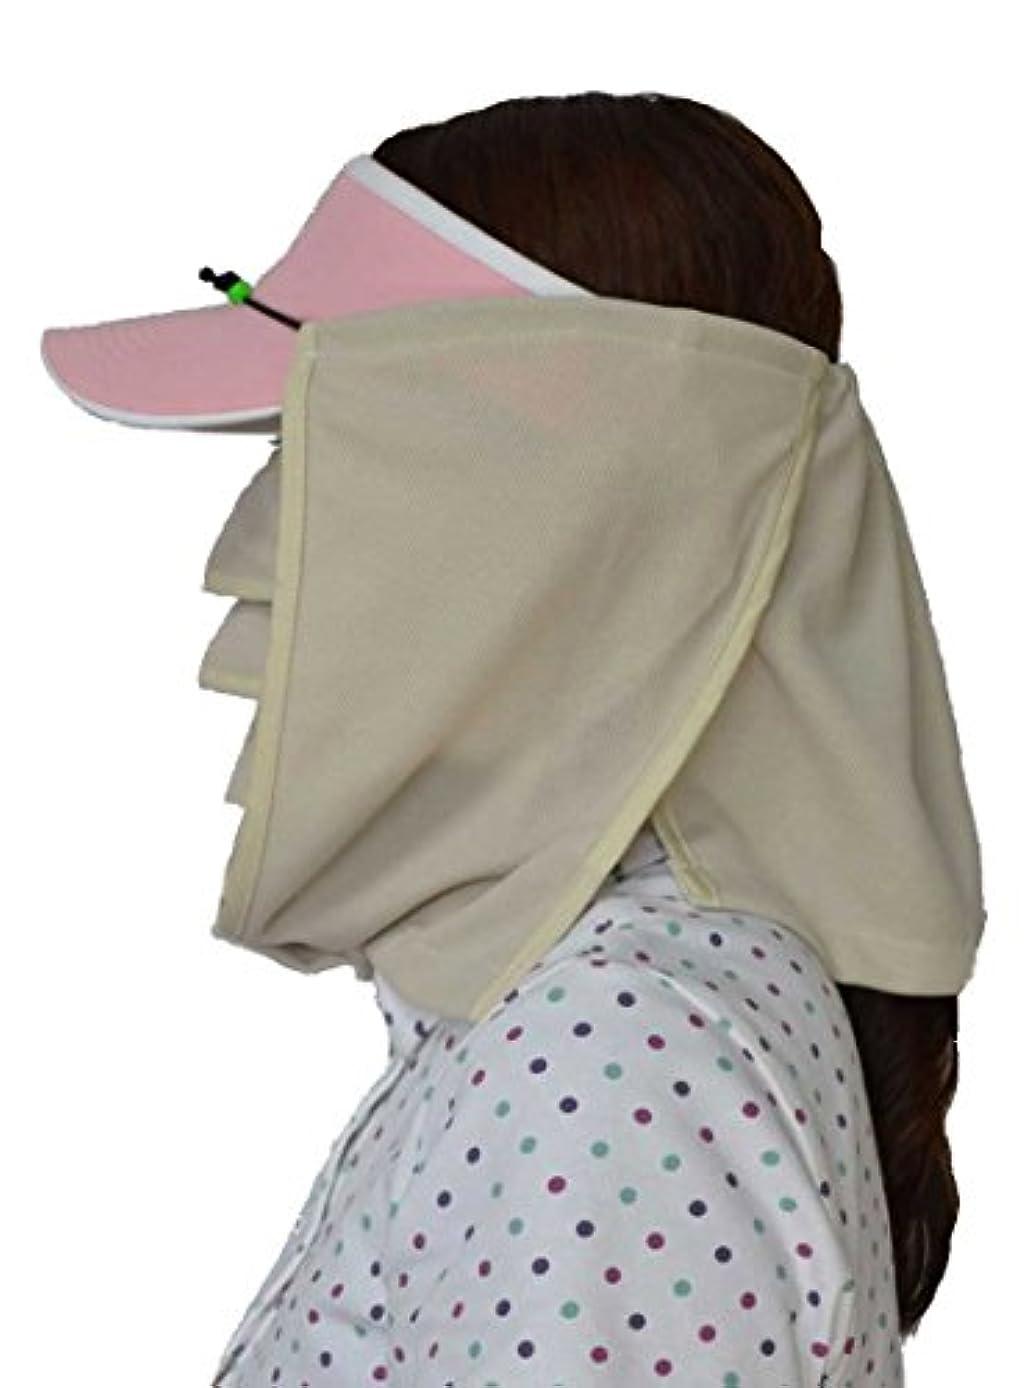 段落出席影響を受けやすいですUVマスク?マモルーノ?とUV帽子カバー?スズシーノ?のセット(ベージュ)【太陽からの直射光や照り返し.散乱光の紫外線対策や熱射病、熱中症対策に最適の組合せです.】